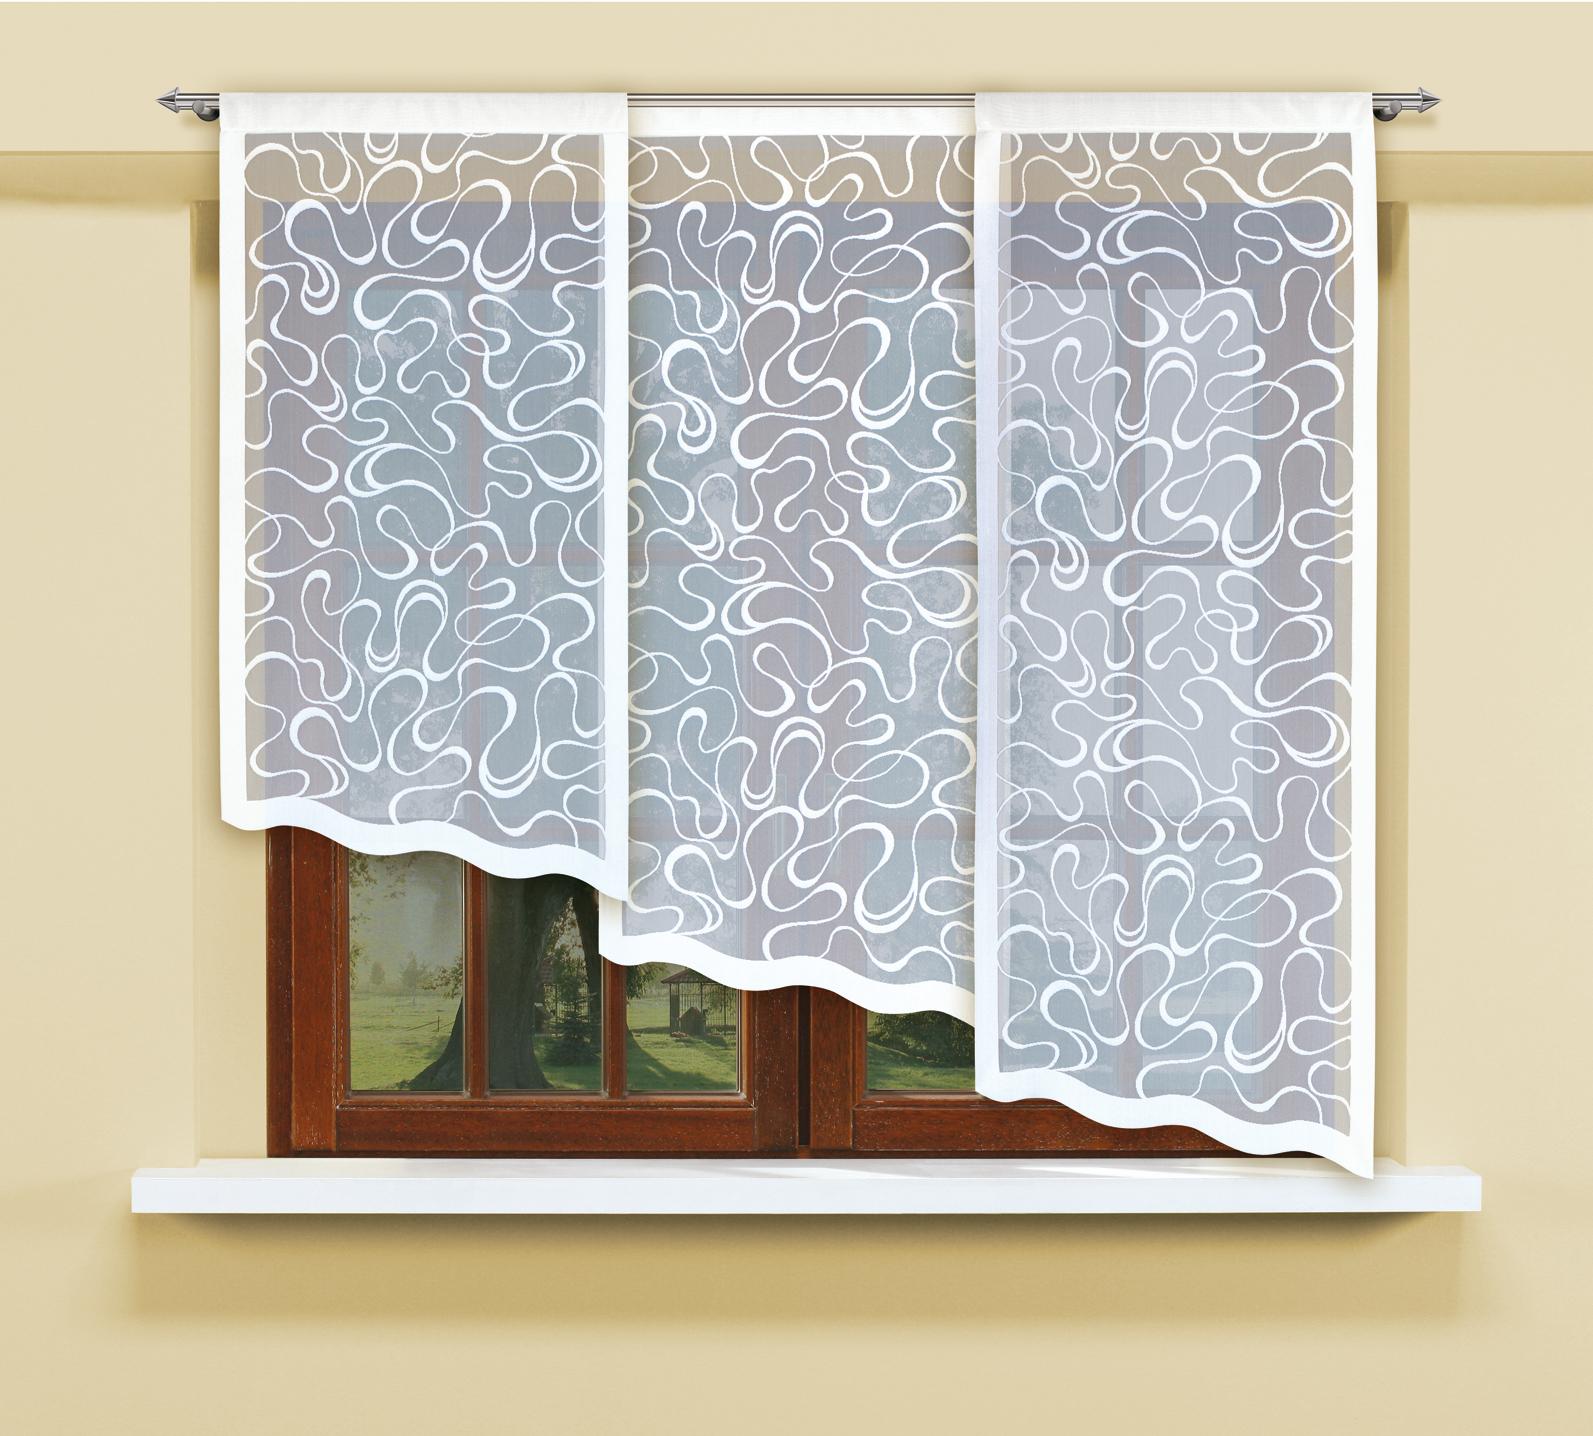 Комплект гардин Haft, на кулиске, цвет: белый, 3 шт. 207750SATURN CANCARDВоздушные гардины Haft великолепно украсят любое окно. Комплект состоит из трех гардин, выполненных из полиэстера.Изделие имеет оригинальный дизайн и органично впишется в интерьер помещения.Комплект крепится на карниз при помощи кулиски.Размеры гардин: 160 х 60 см; 140 х 60 см; 120 х 60 см.